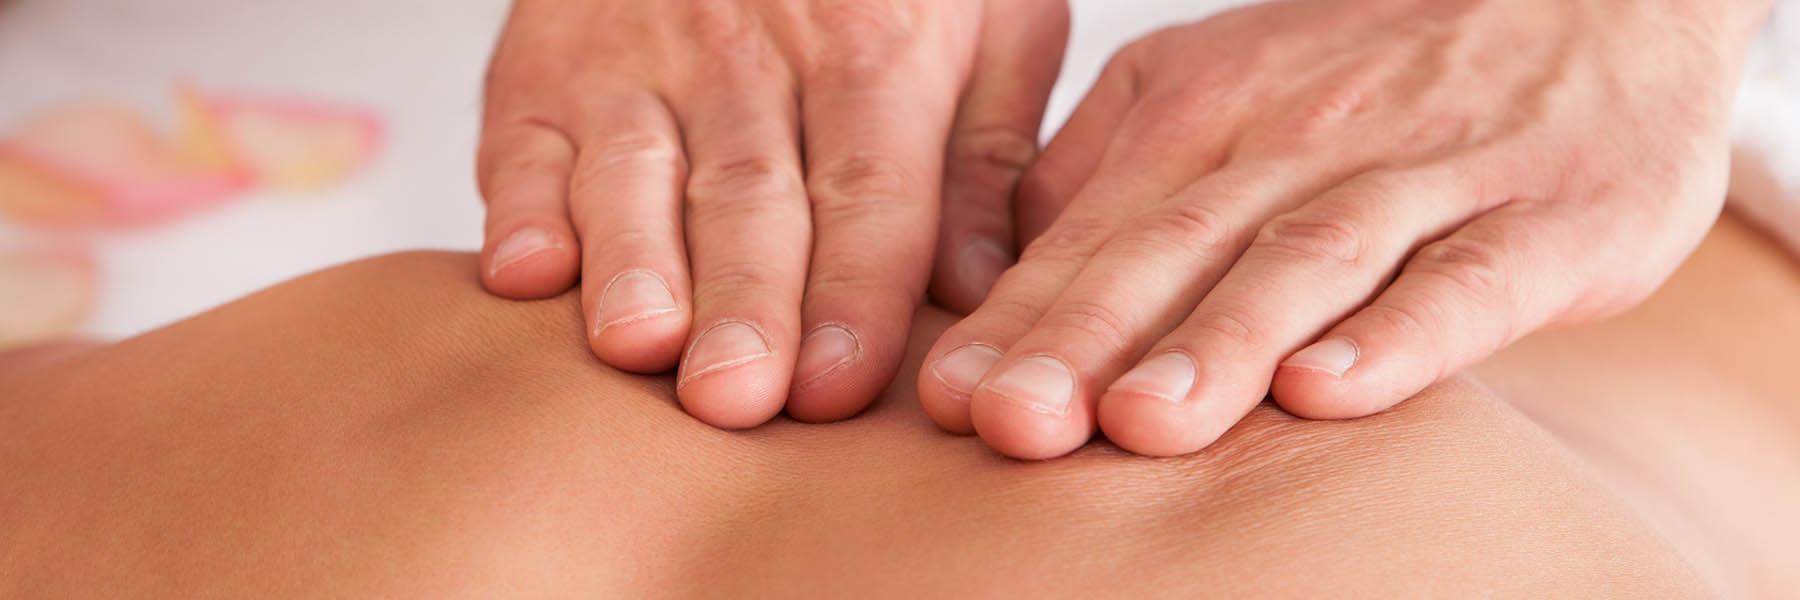 Mains de l'ostéopathe